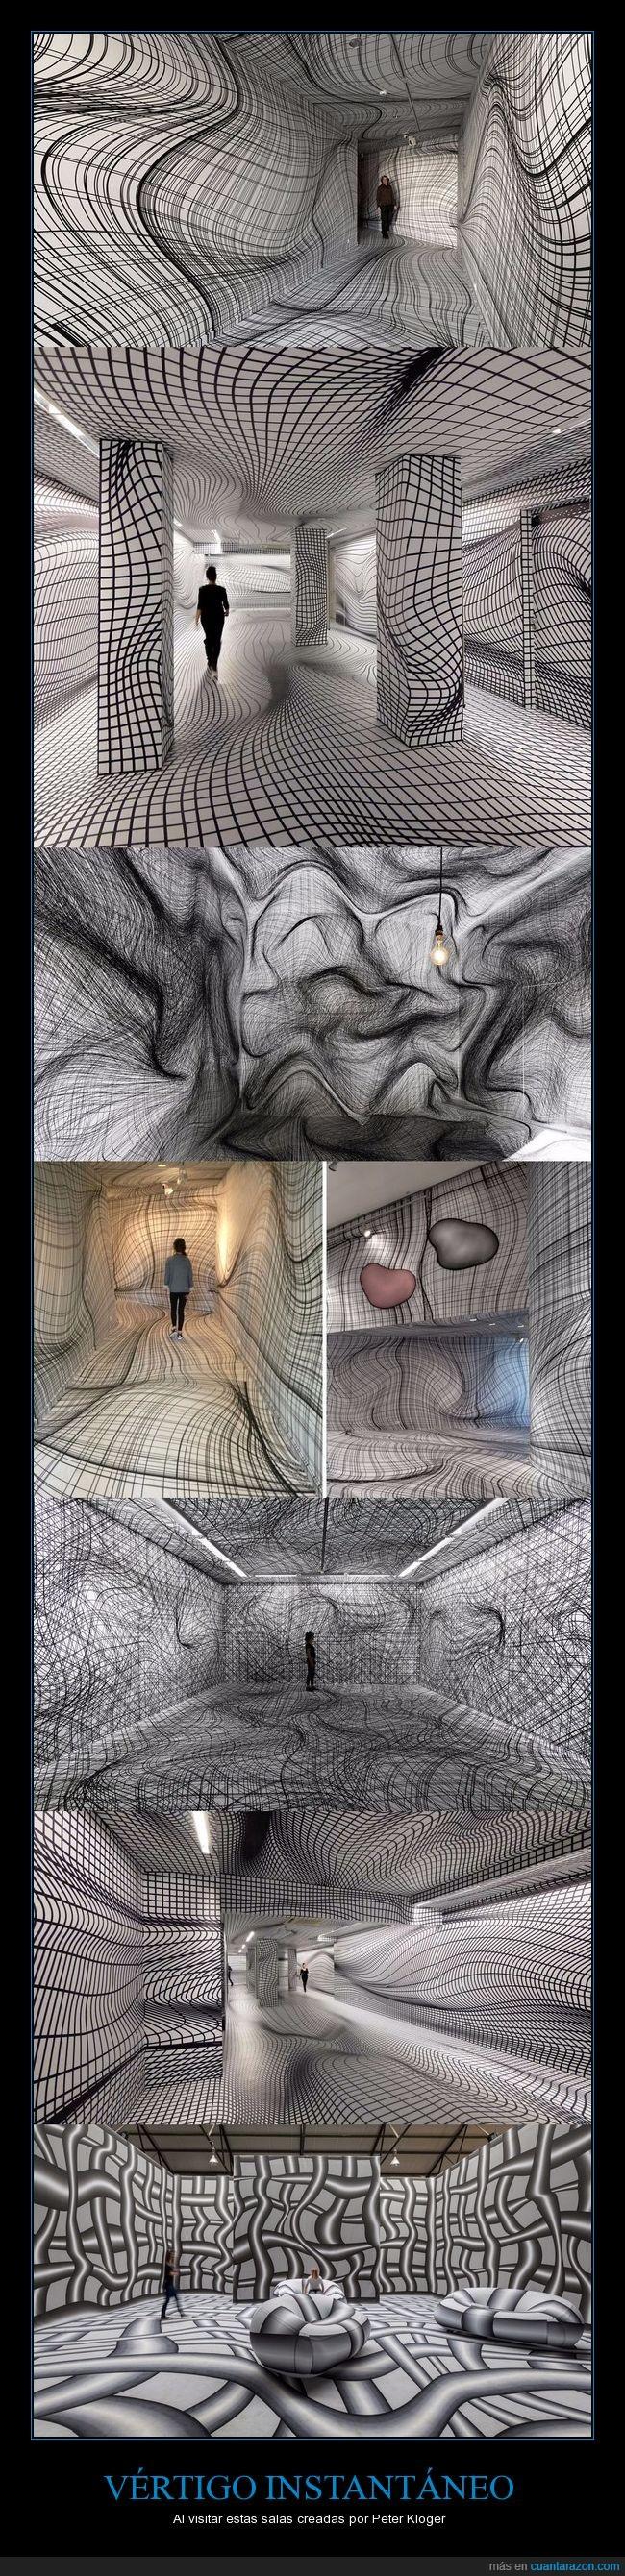 flipante,ilusion,ilusión óptica,peter kloger,vértigo